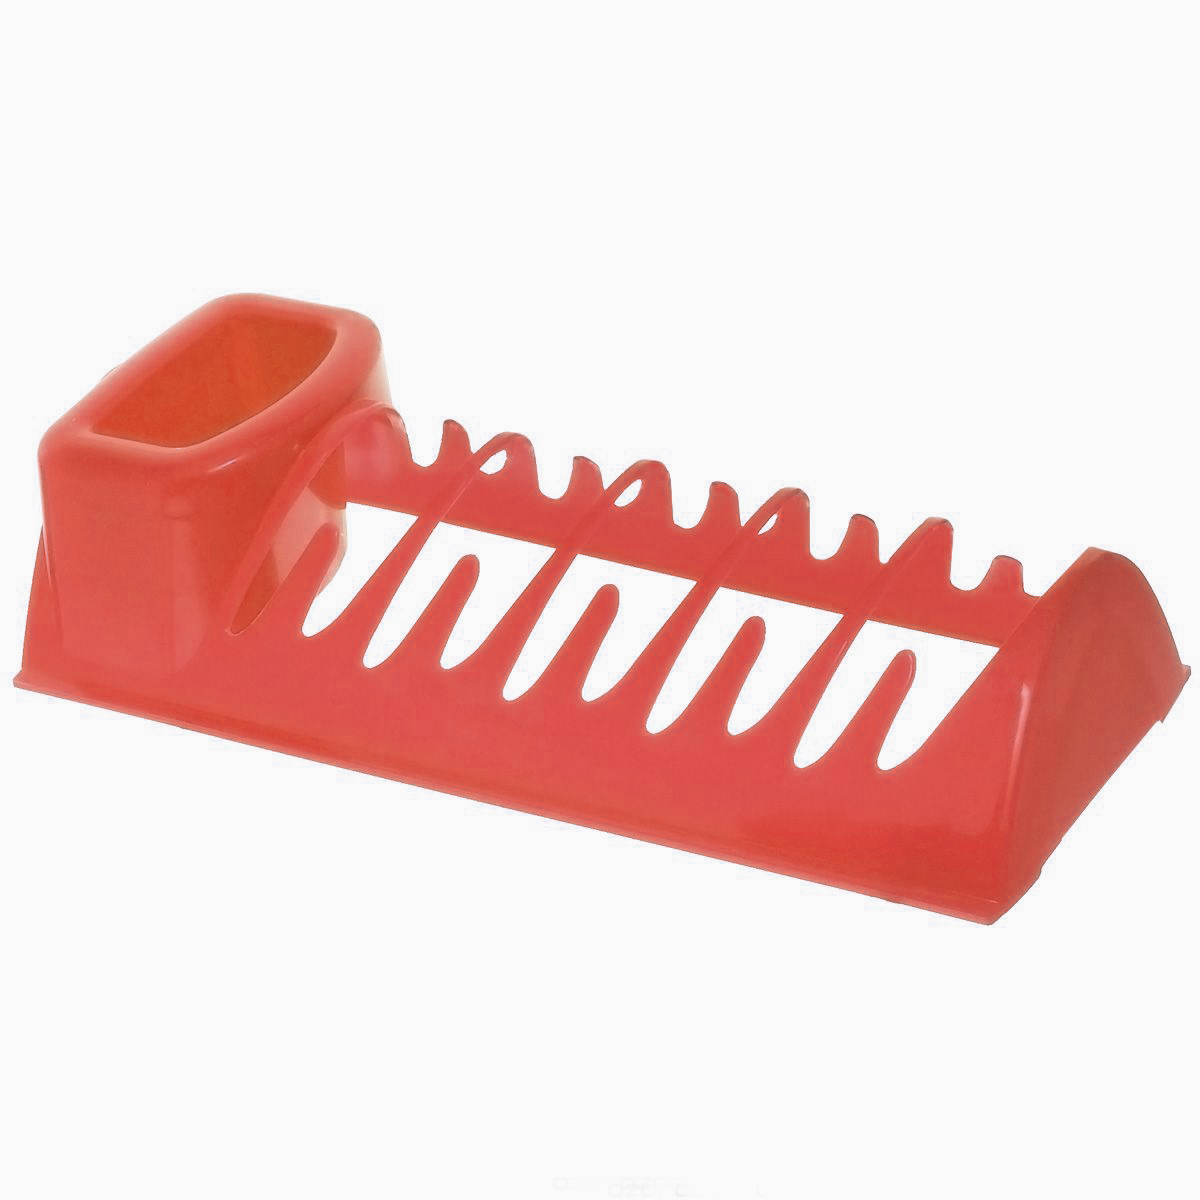 Сушилка для посуды Idea Эконом, цвет: красный, 34 см х 14,5 см х 8,5 см21395599Сушилка для посуды Idea Эконом, выполненная из высококачественного пластика, представляет собой решетку с ячейками, в которые помещается посуда, и отделение для столовых приборов. Ваши тарелки высохнут быстро, если после мойки вы поместите их в легкую, яркую, современную пластиковую сушилку.